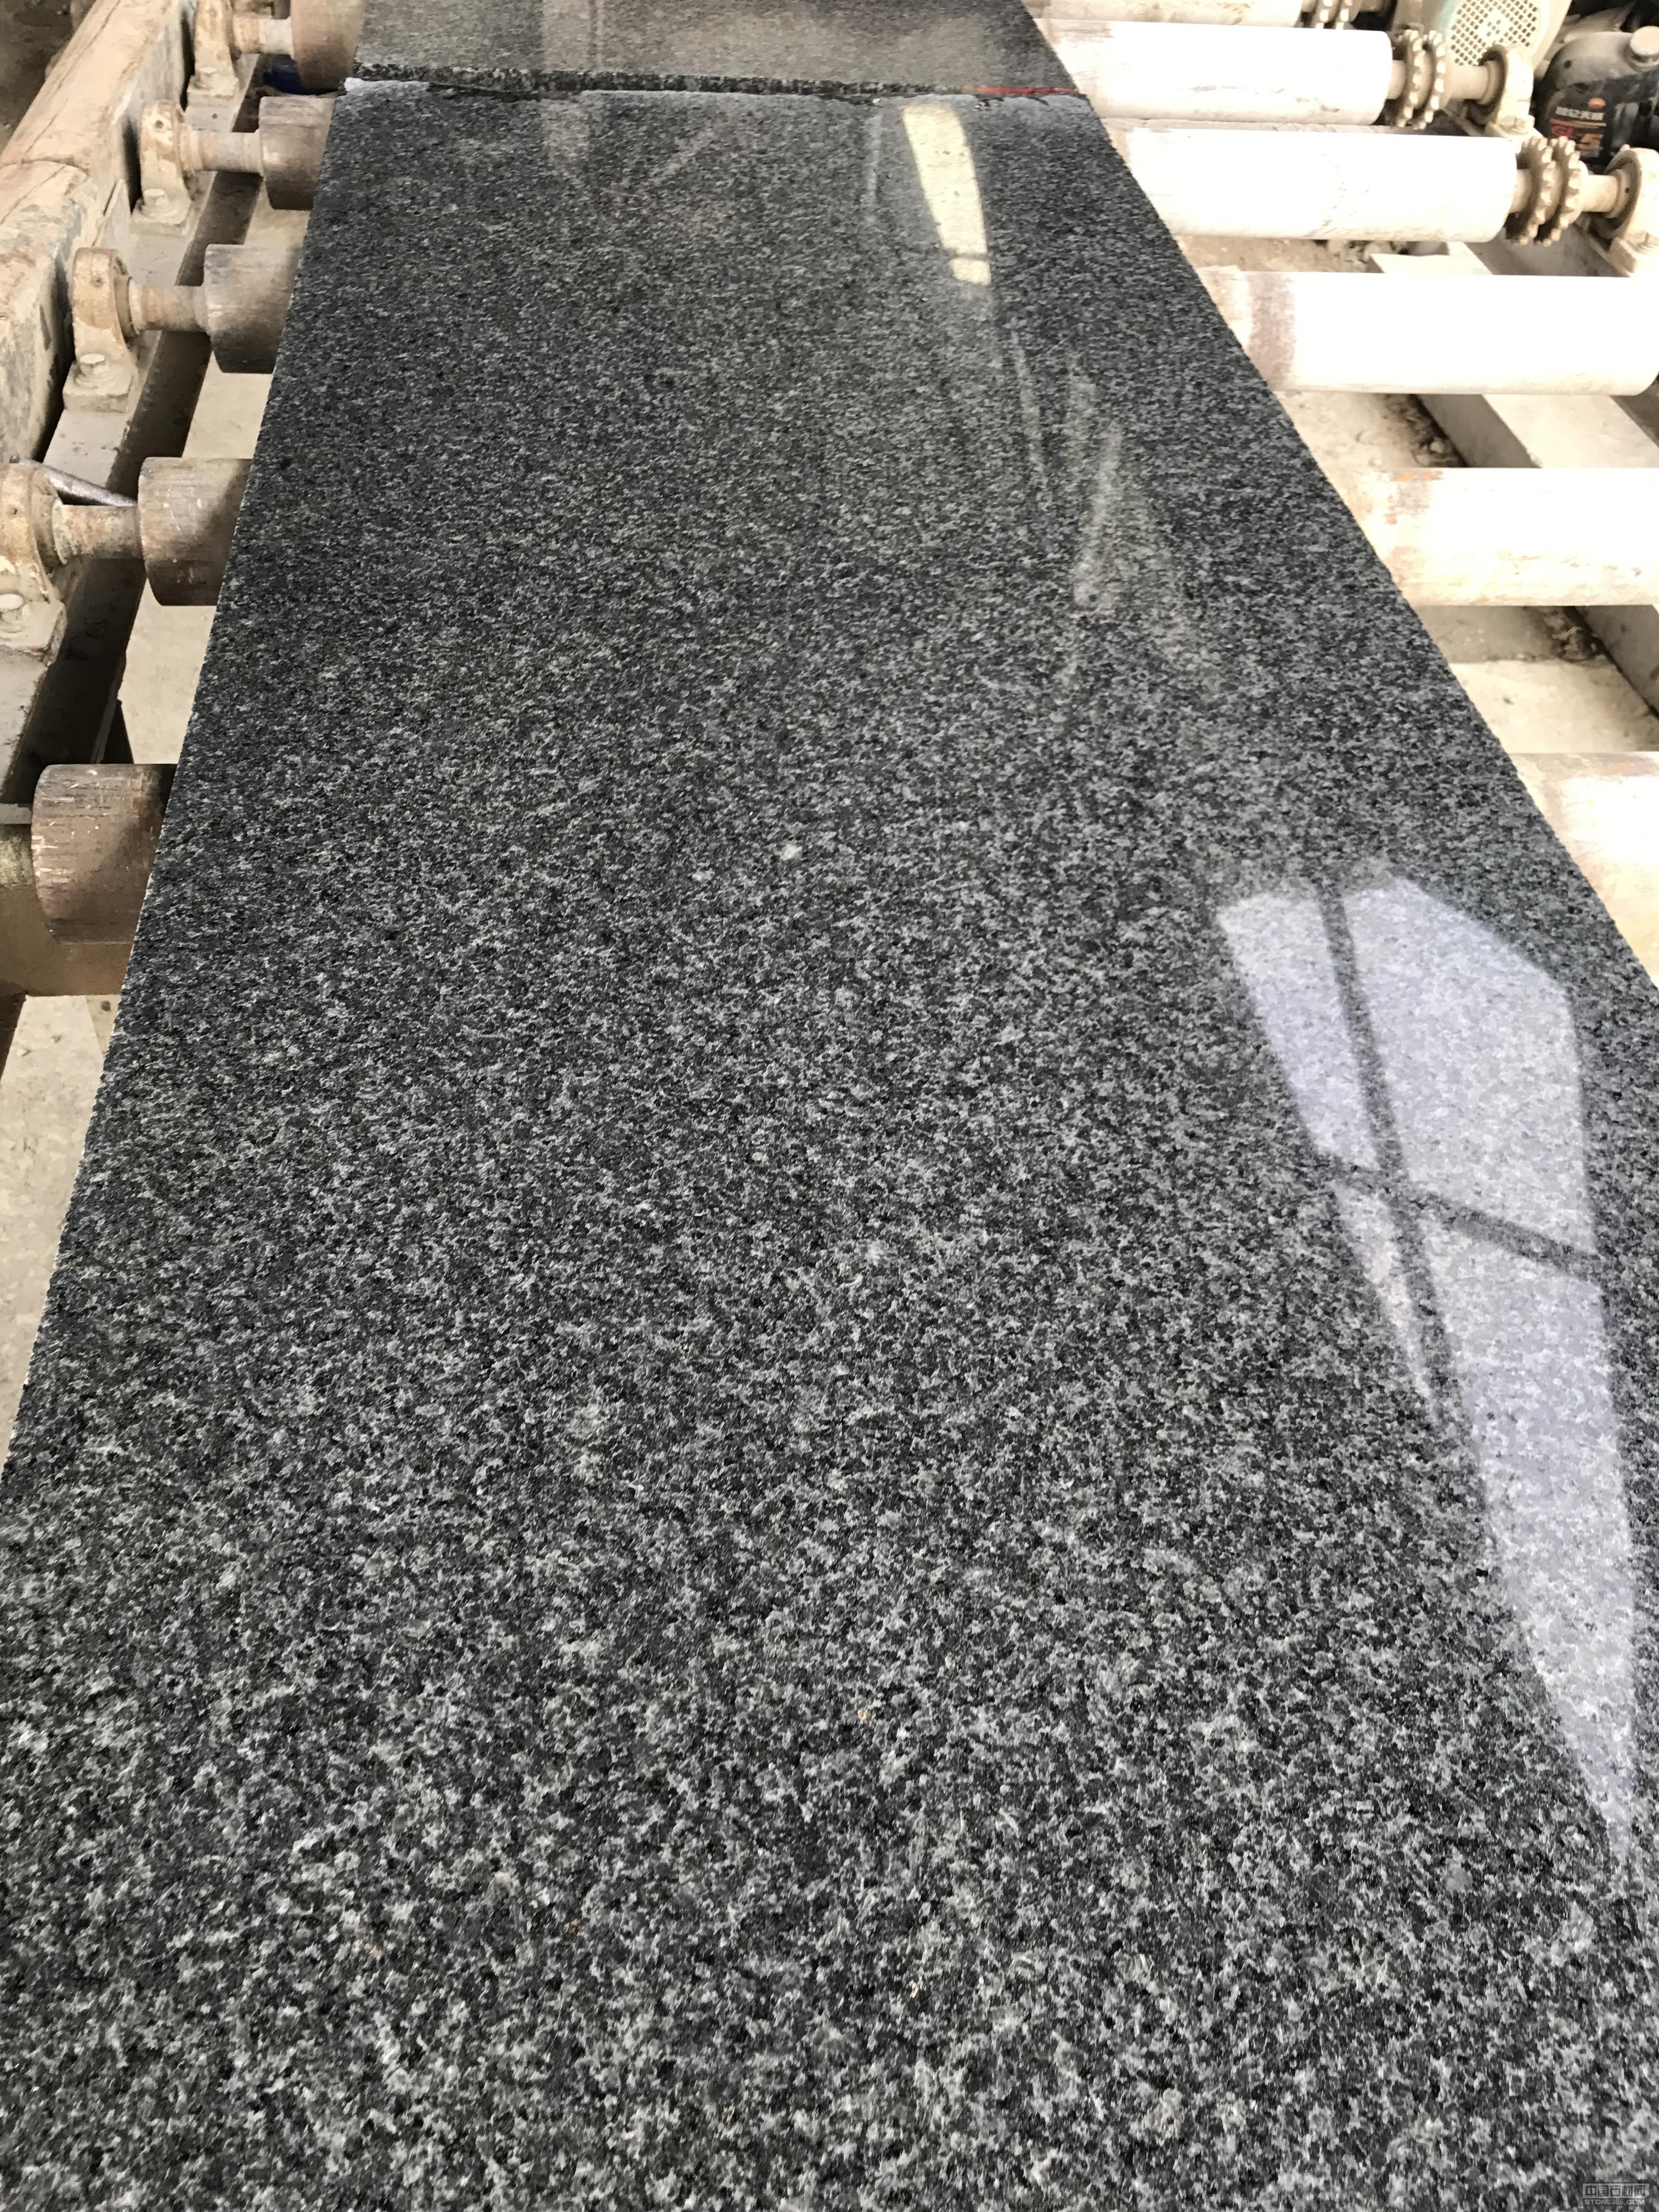 广西芝麻黑石材厂家